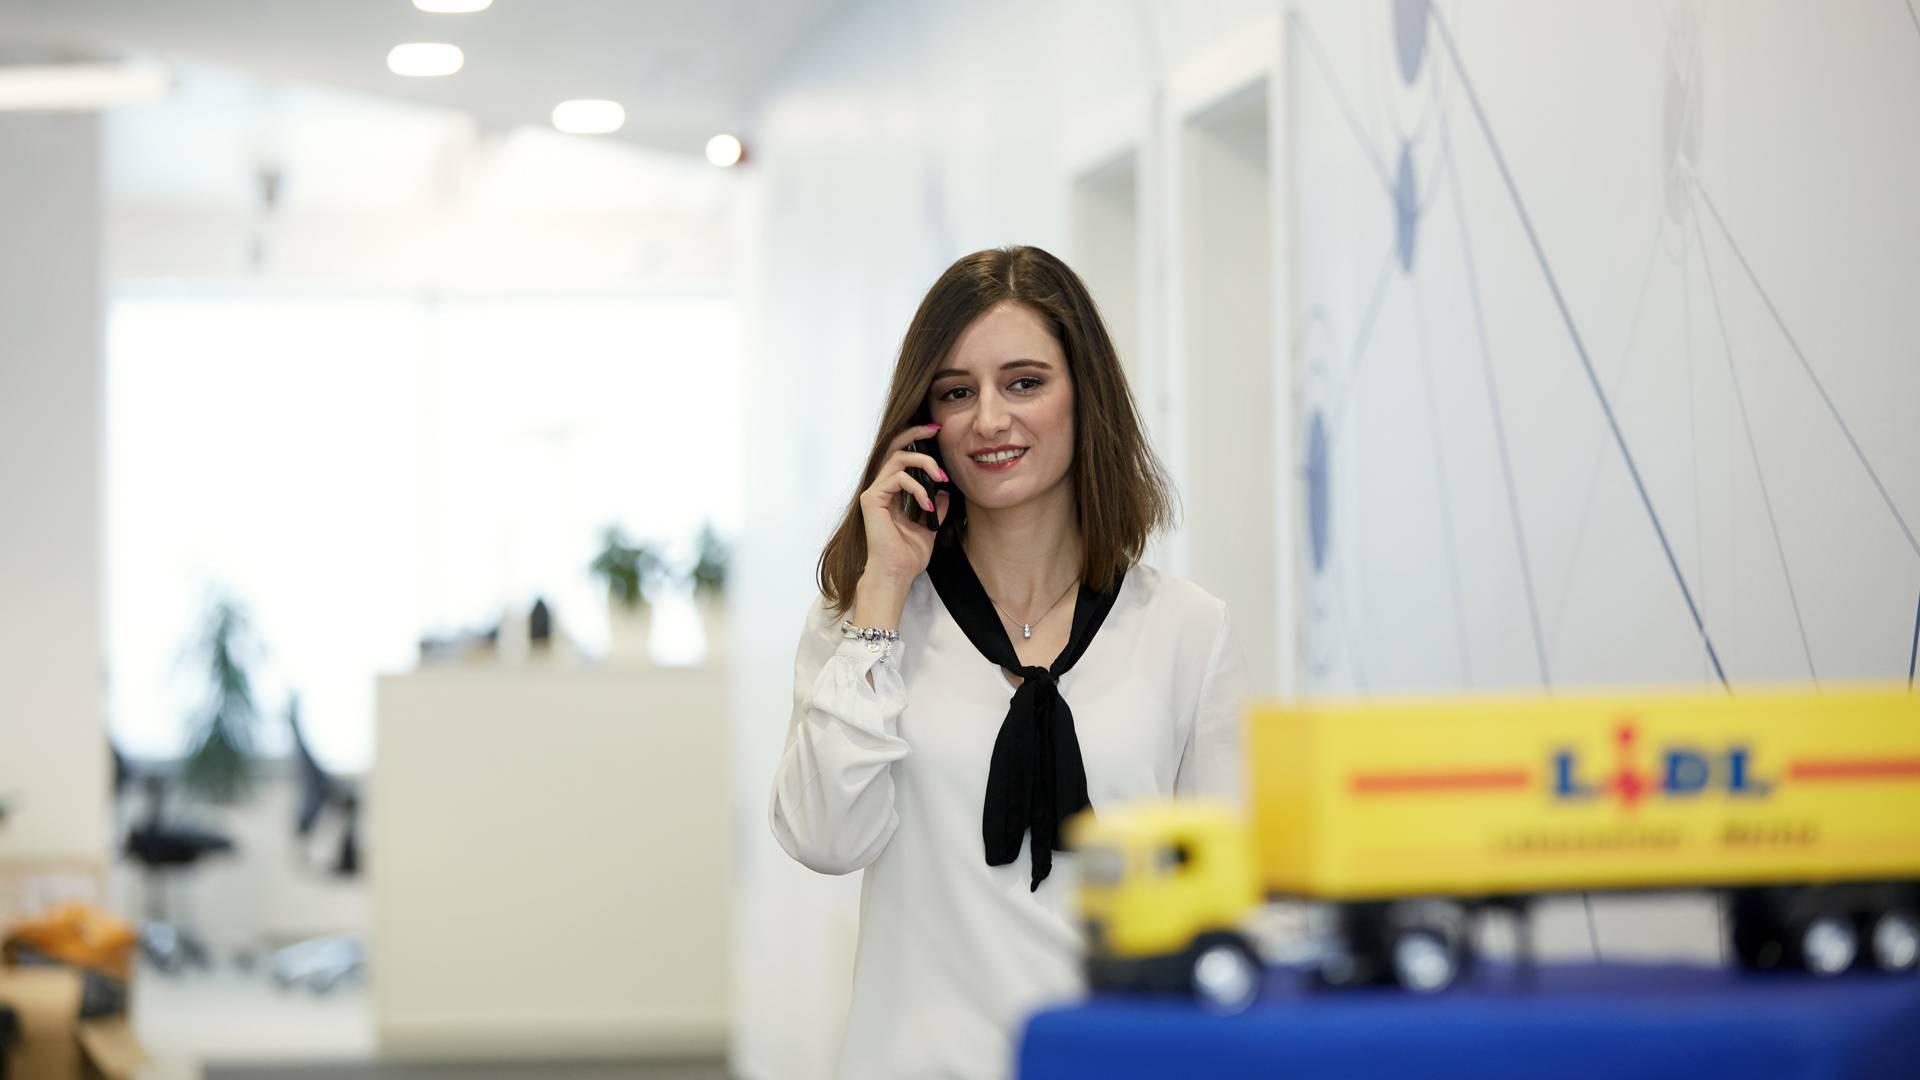 zena telefonuje v praci